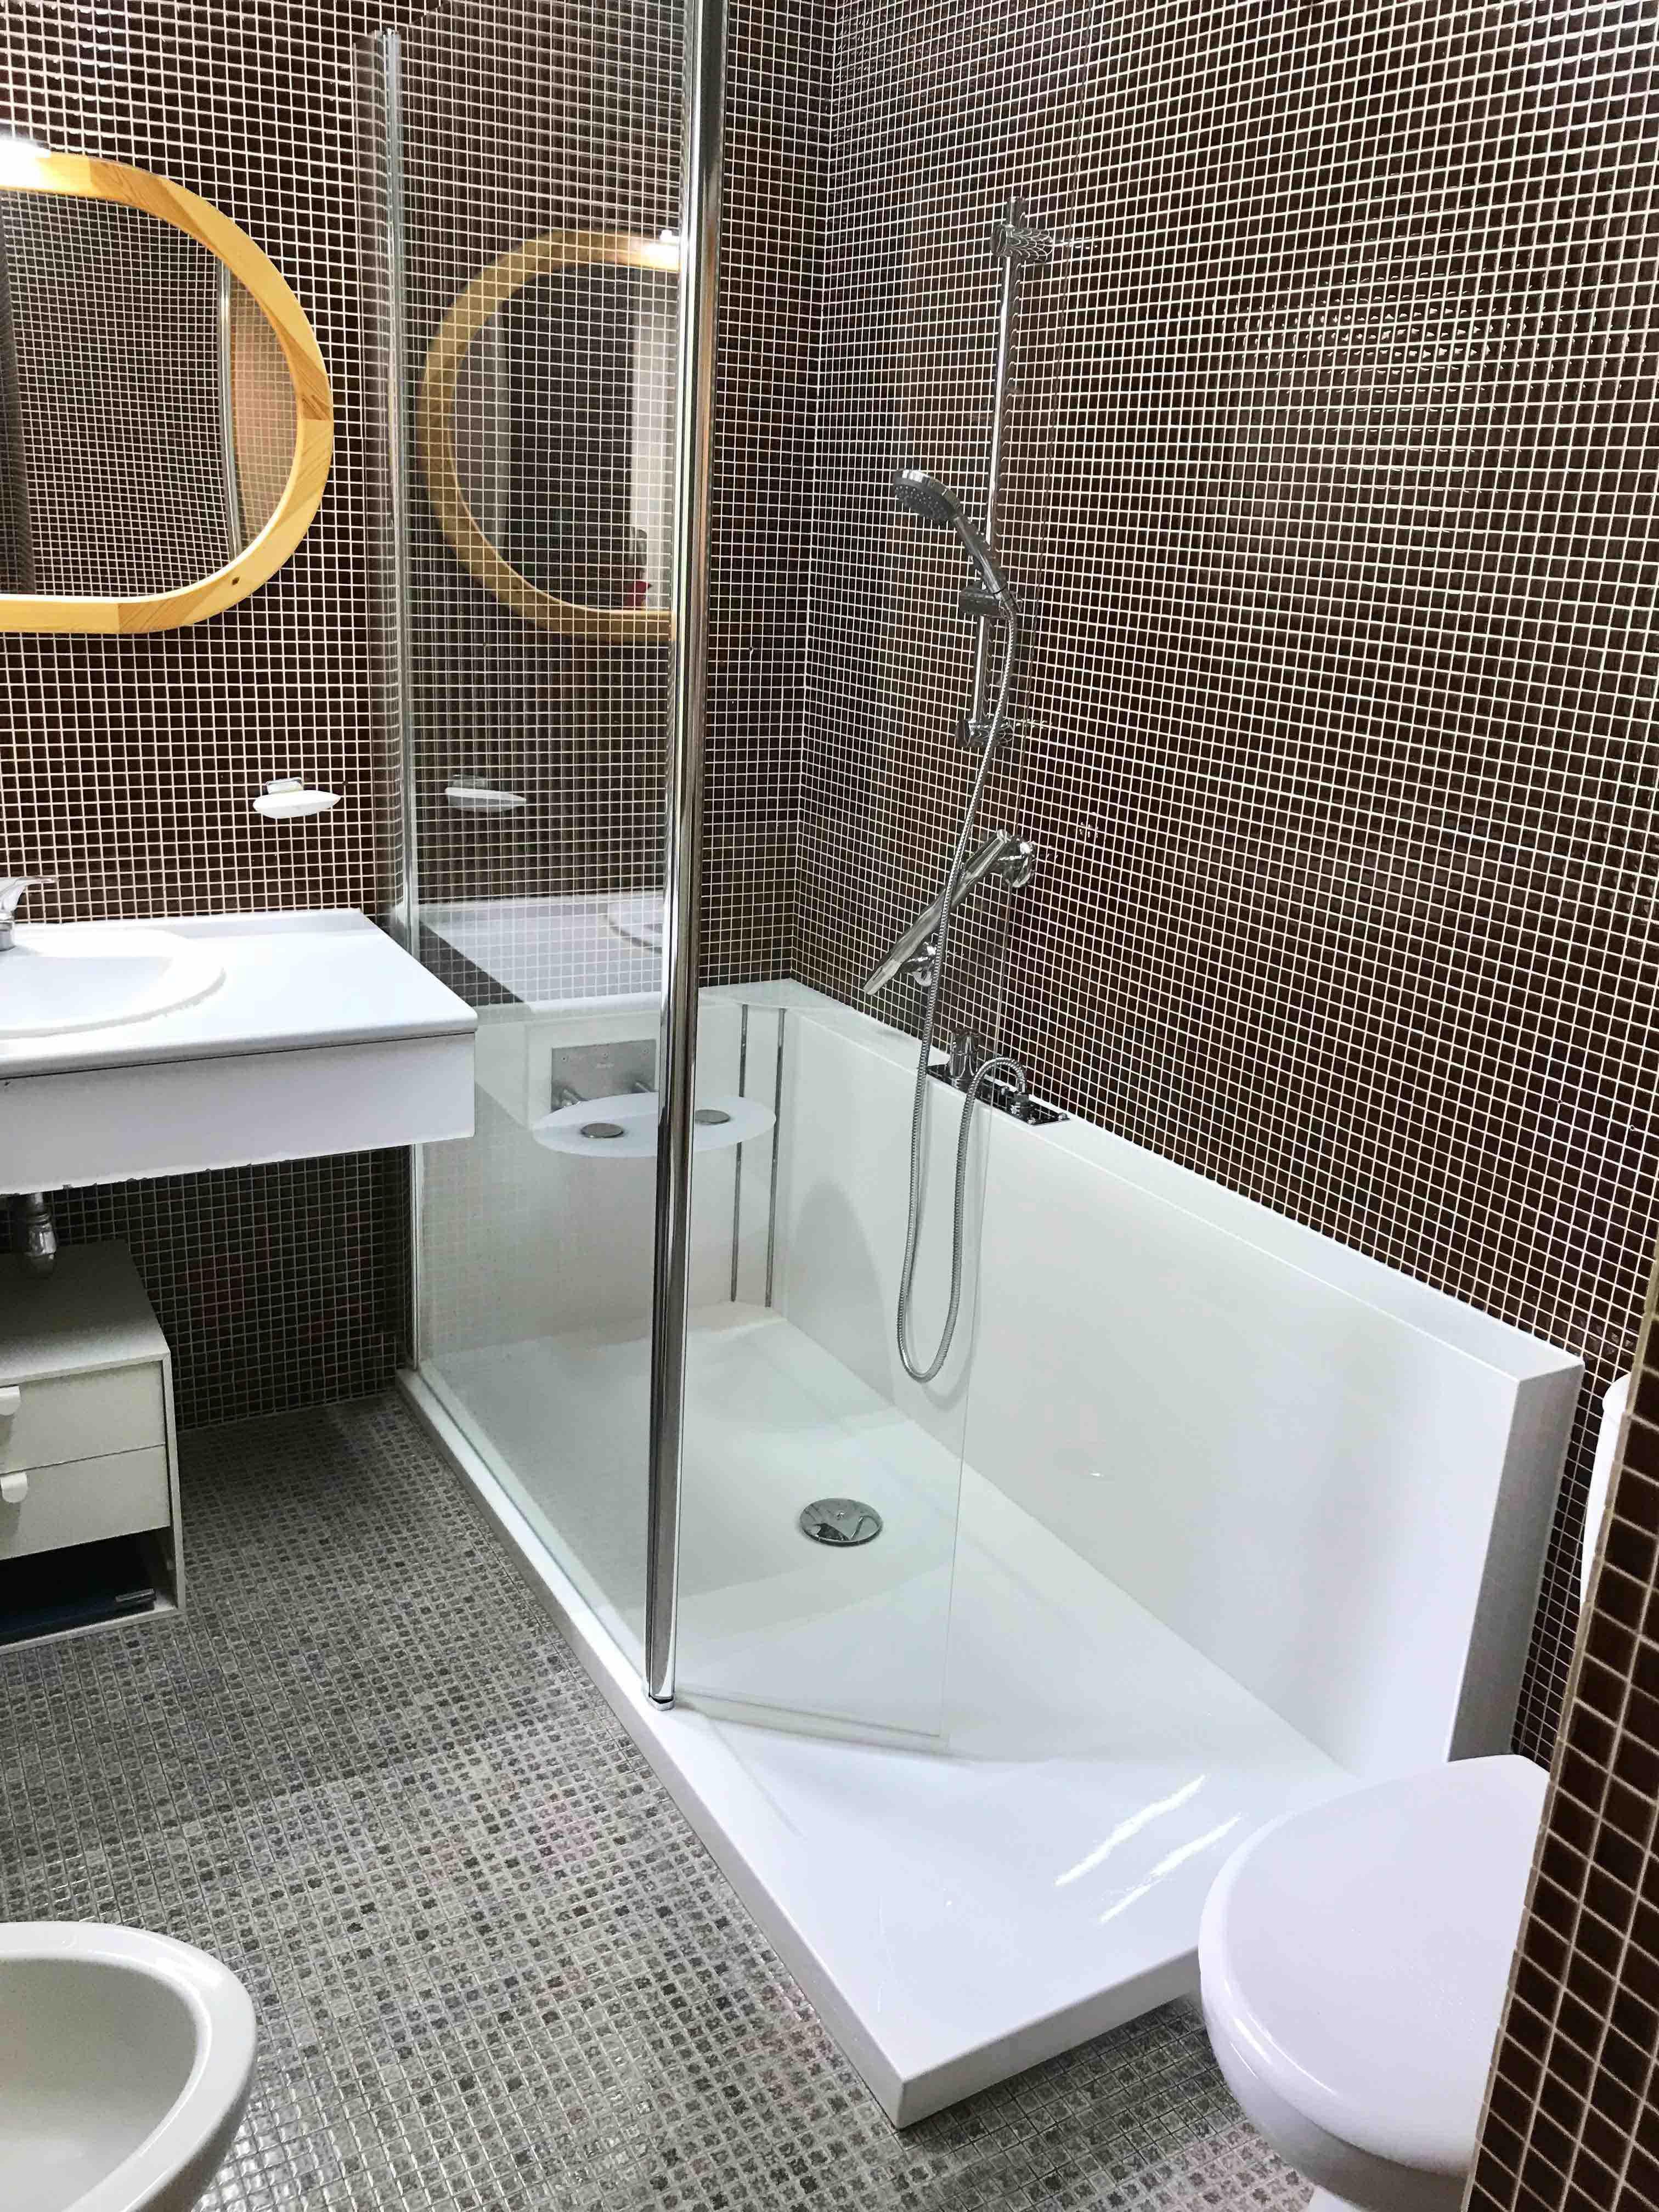 Photo après remplacement de baignoire par douche